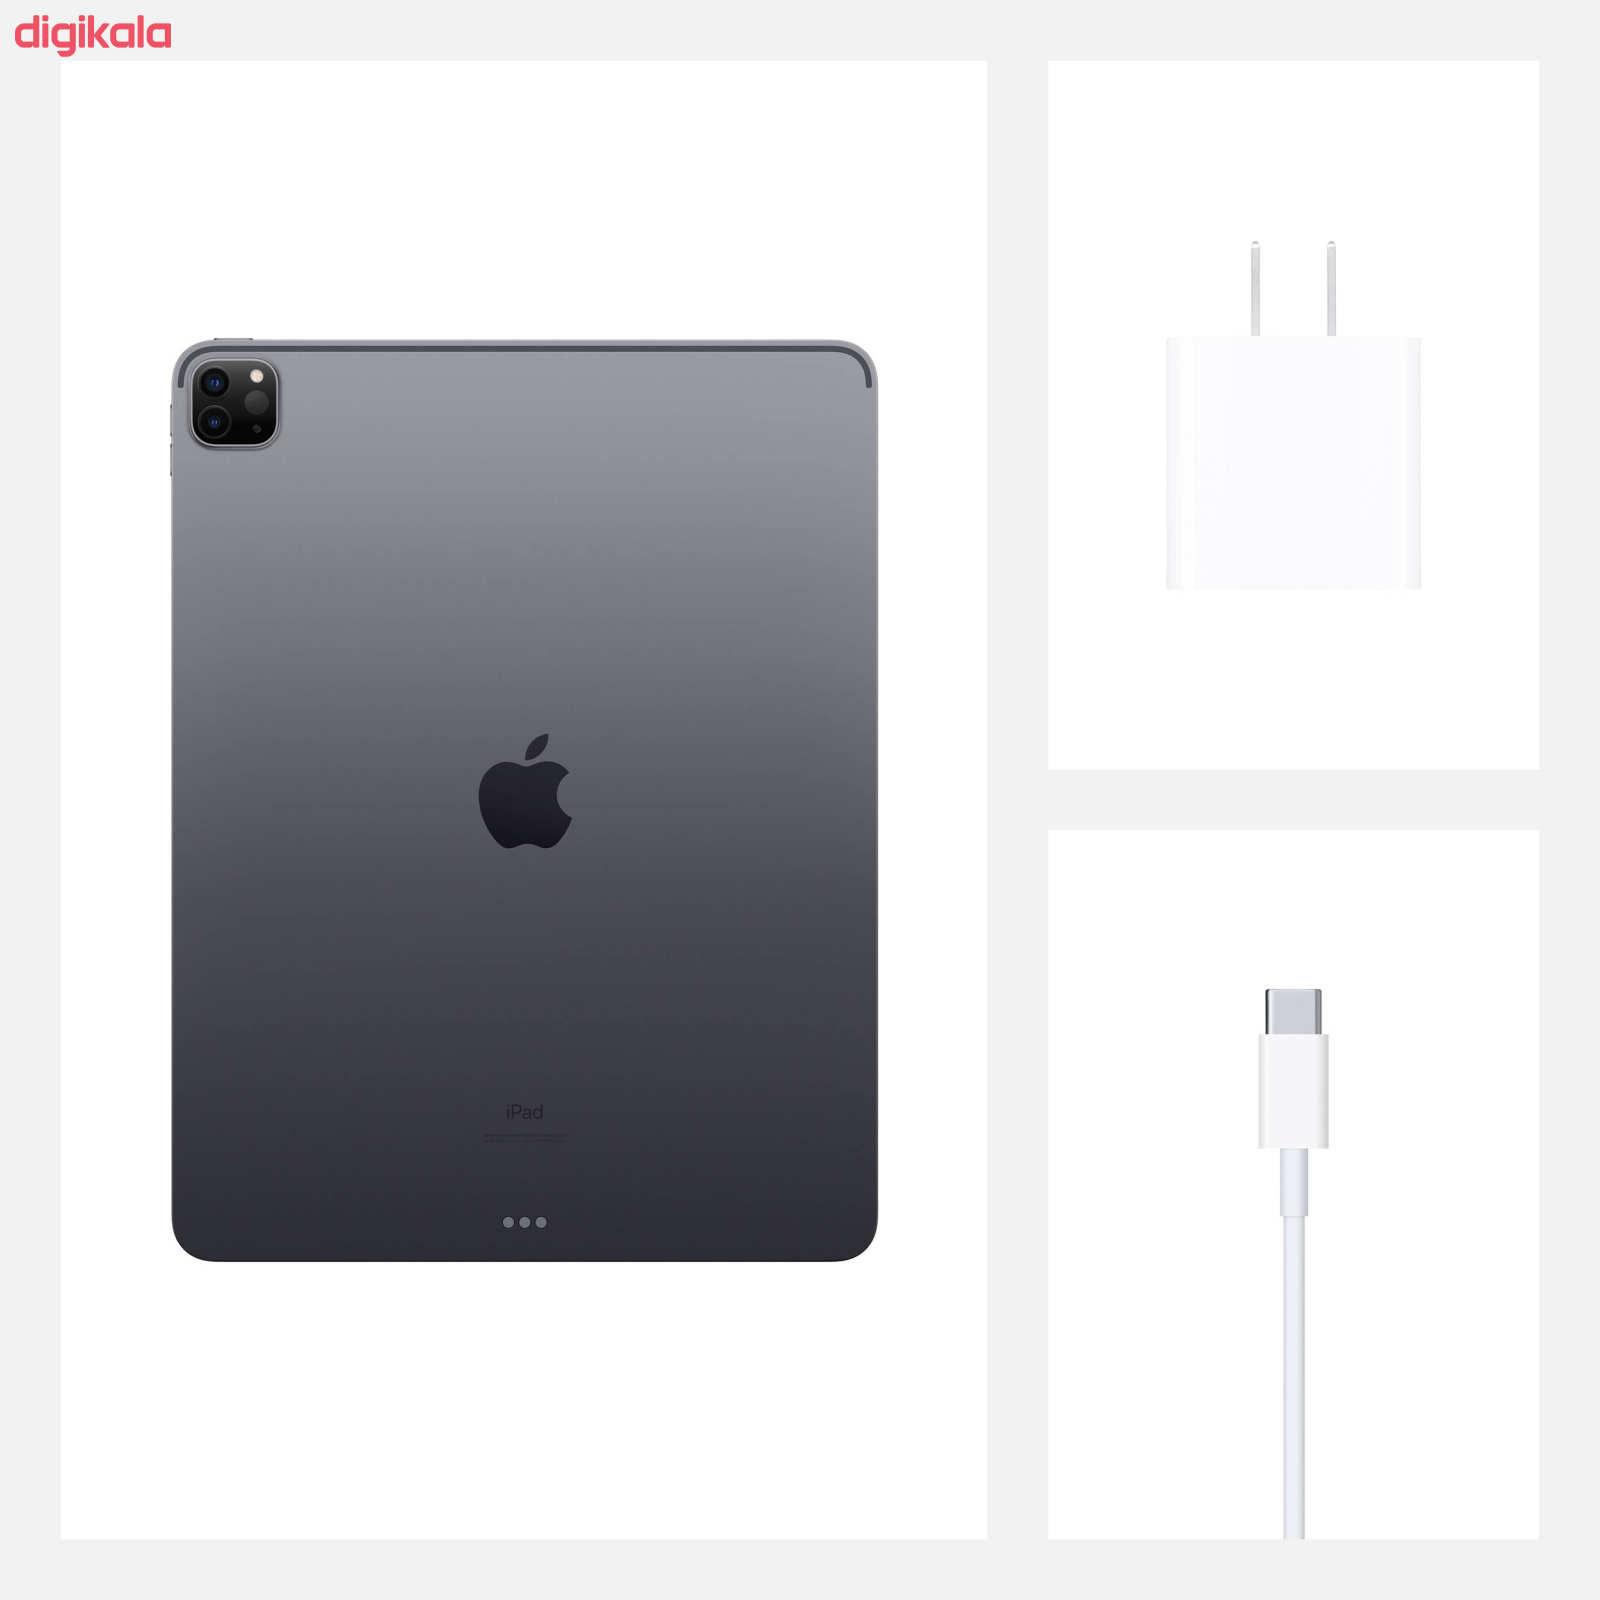 تبلت اپل مدل iPad Pro 11 inch 2020 4G ظرفیت 128 گیگابایت  main 1 11